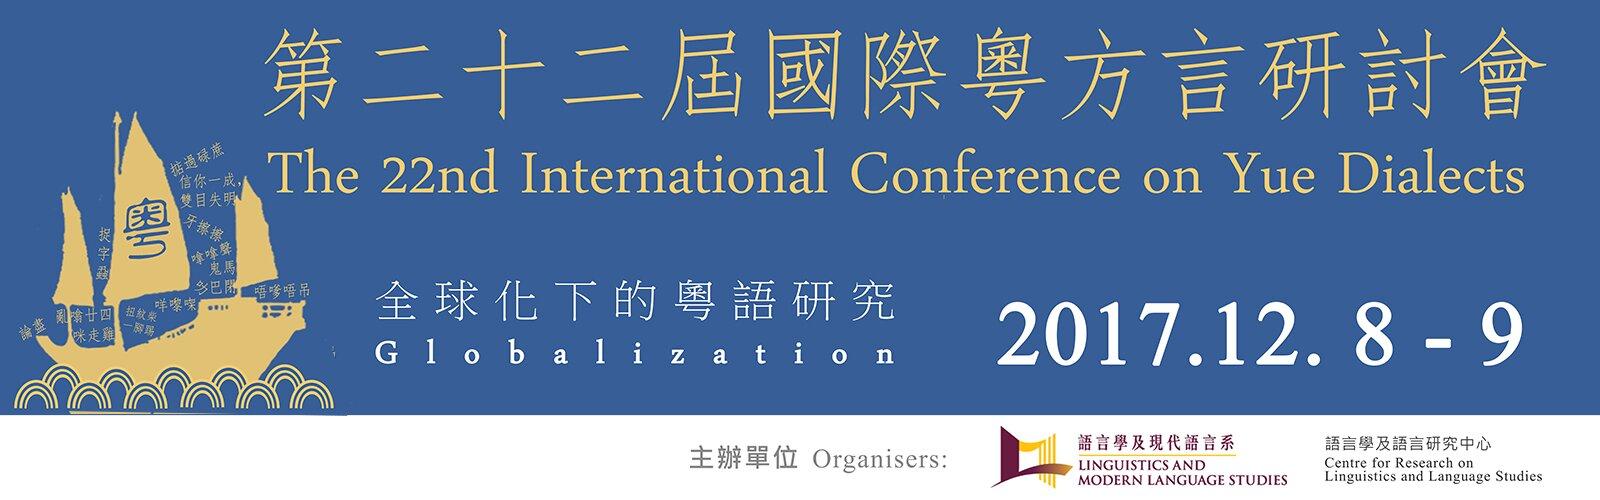 第二十二屆國際粵方言研討會